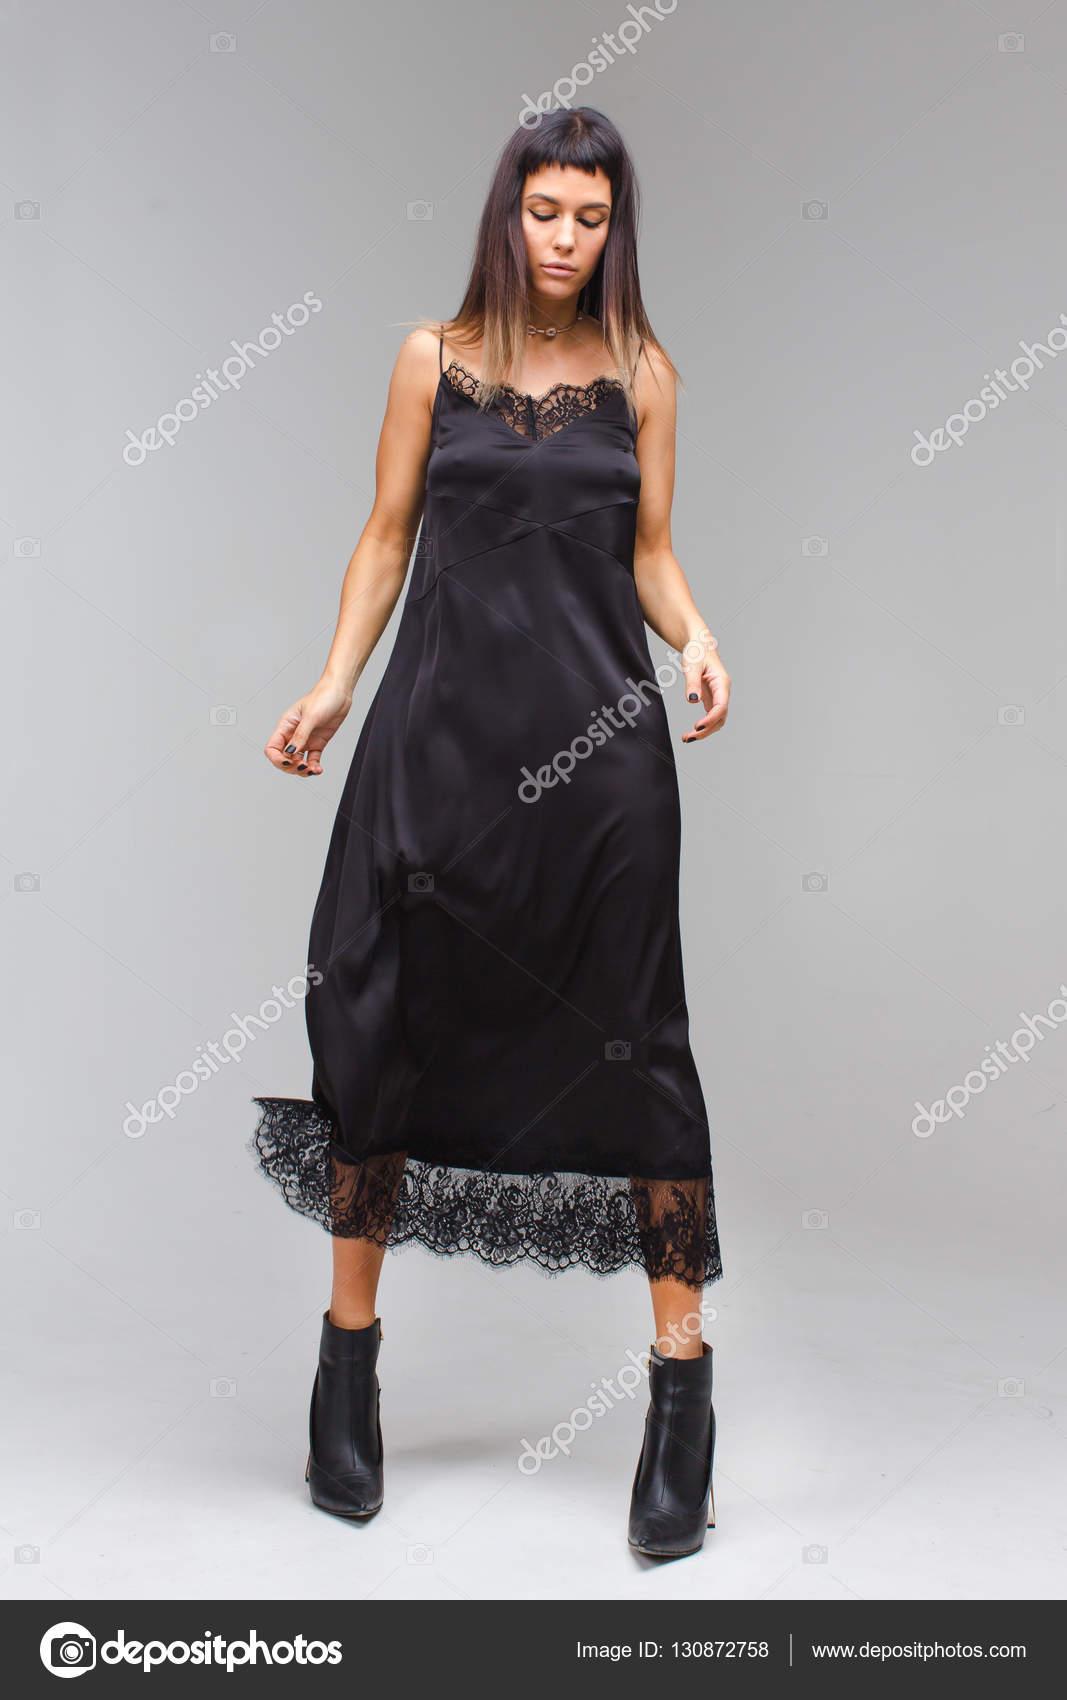 ce689f388fa6d8 У Чорне плаття ночнушку білизна мережива — стокове фото · Жінки я закрив її  очі і приємно позують в чорній довгі сукні — Фото від 371819